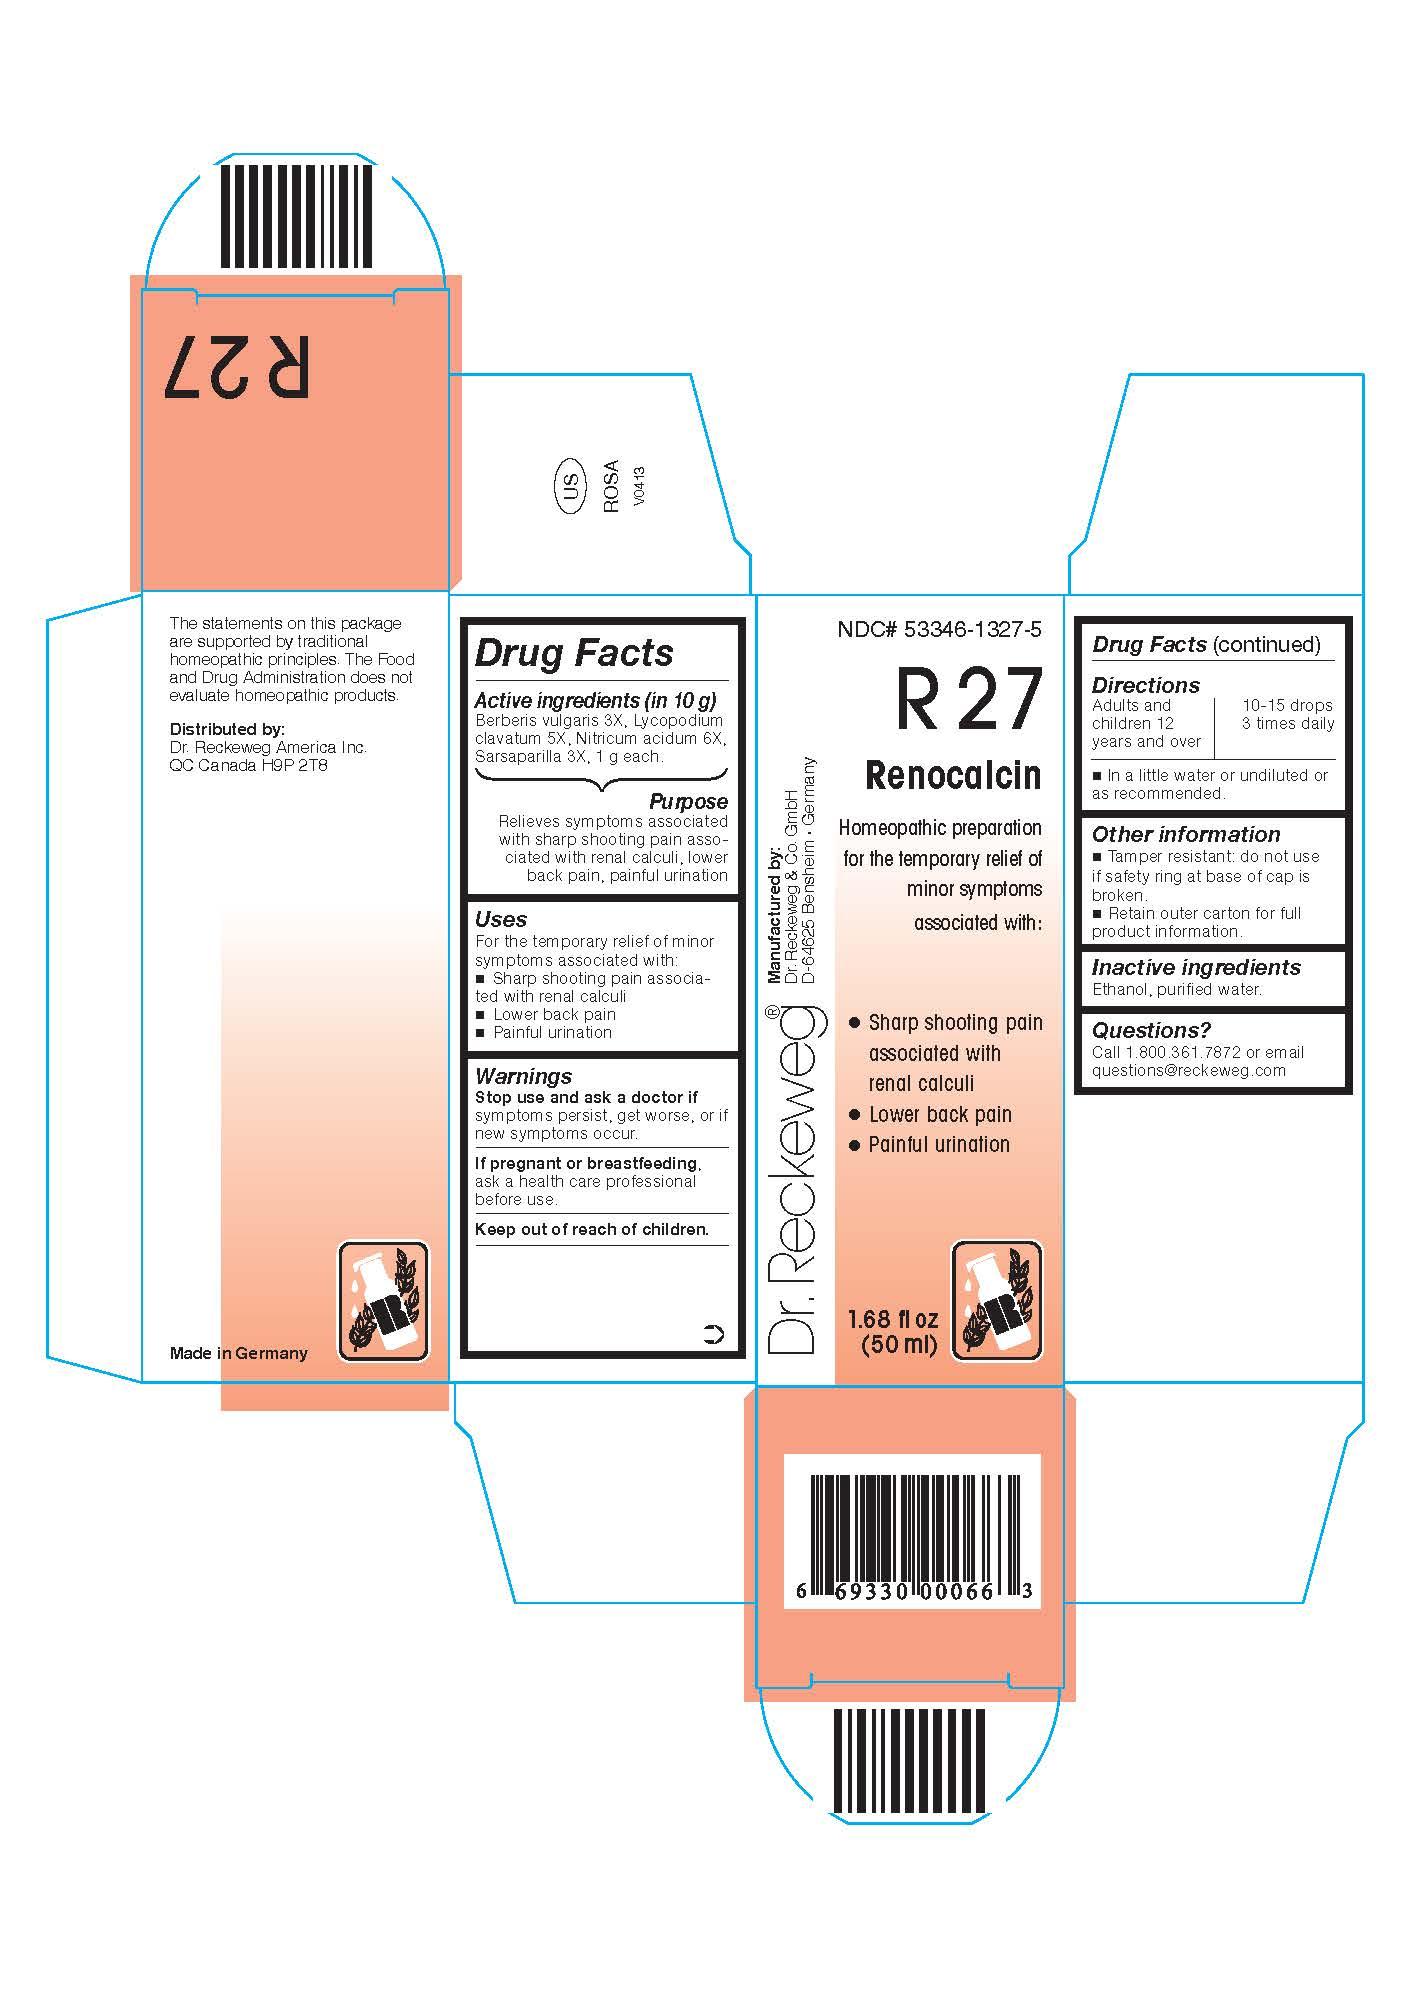 Dr. Reckeweg R27 Renocalcin Combination Product (Berberis Vulgaris 3x, Lycopodium Clavatum 5x, Nitricum Acidum 6x, Sarsaparilla 3x) Liquid [Pharmazeutische Fabrik Dr. Reckeweg & Co]